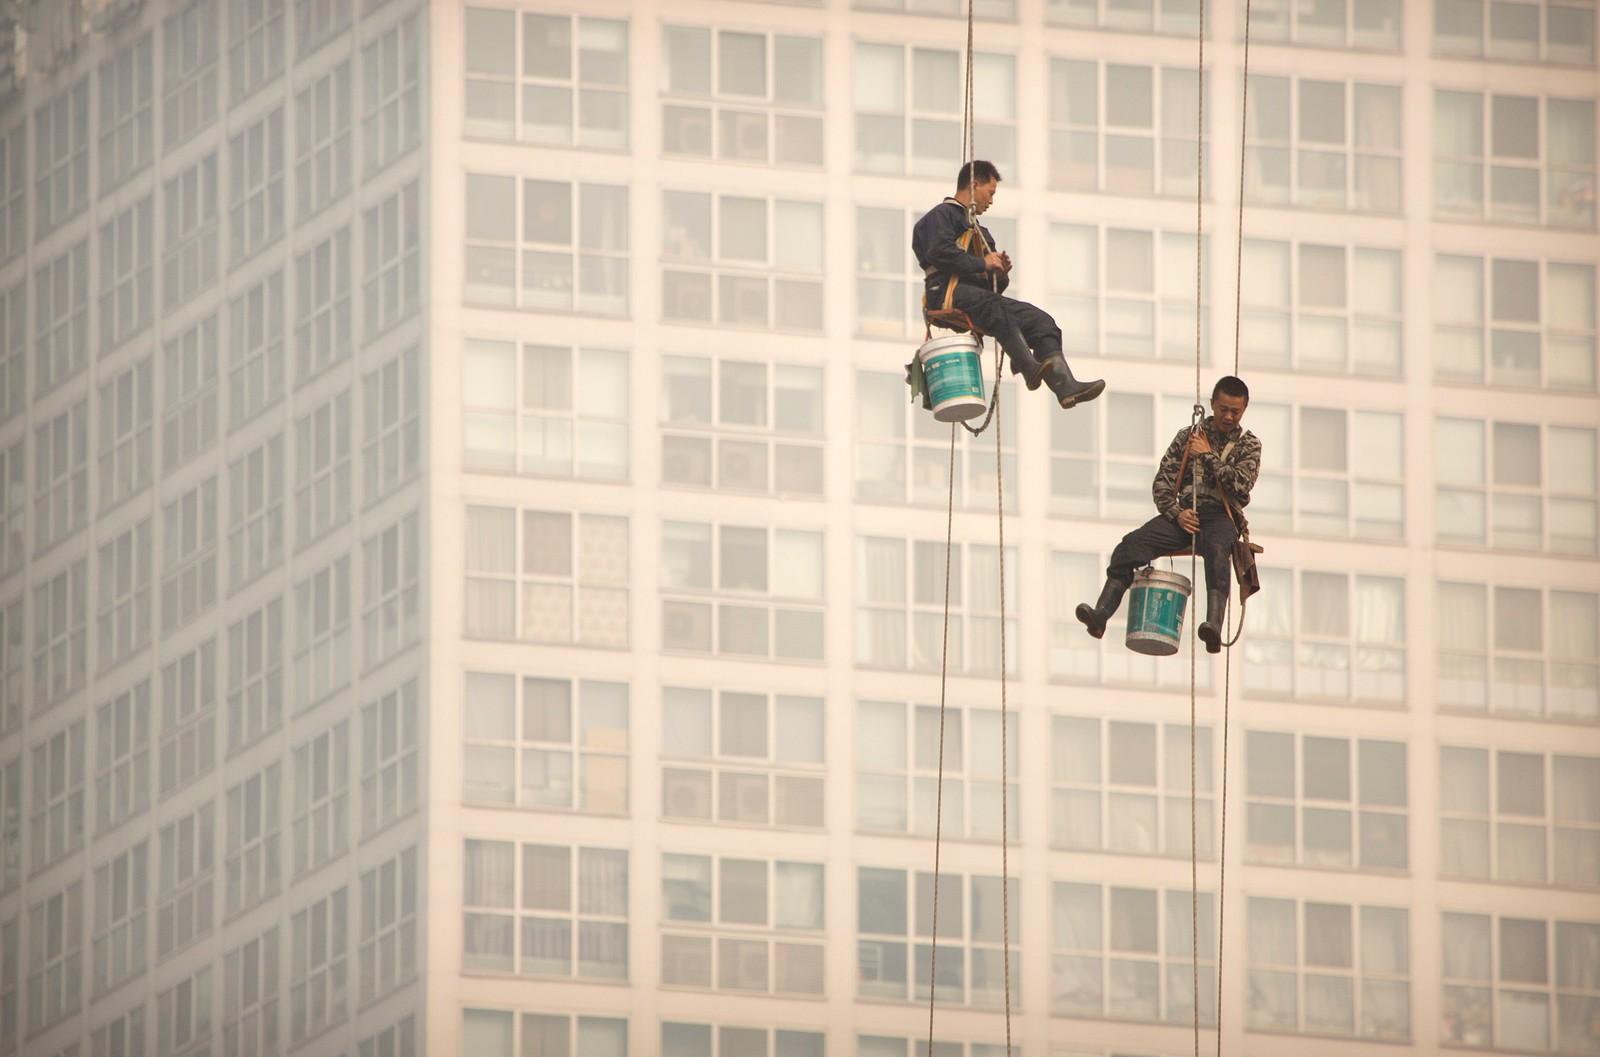 Vindusvaskere henger i en tynn tråd i Beijing.